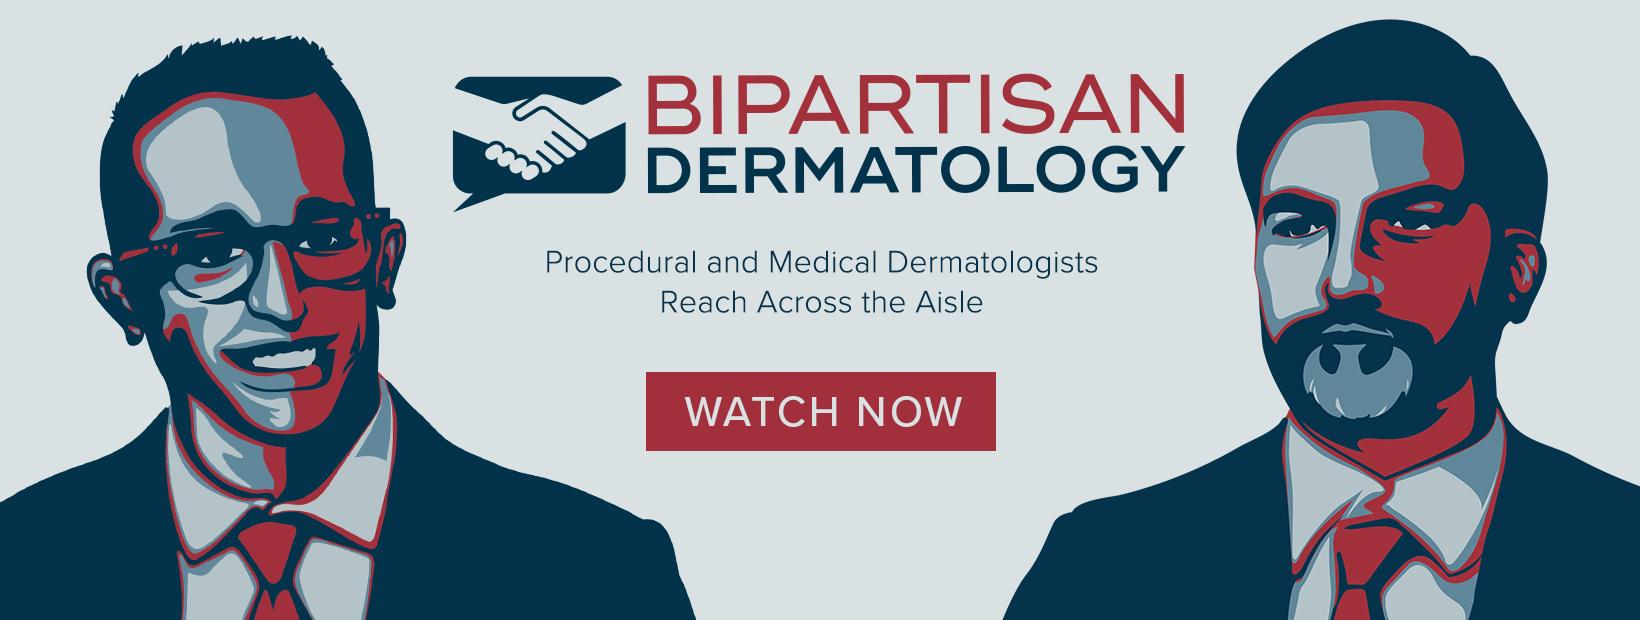 Bipartisan Dermatology